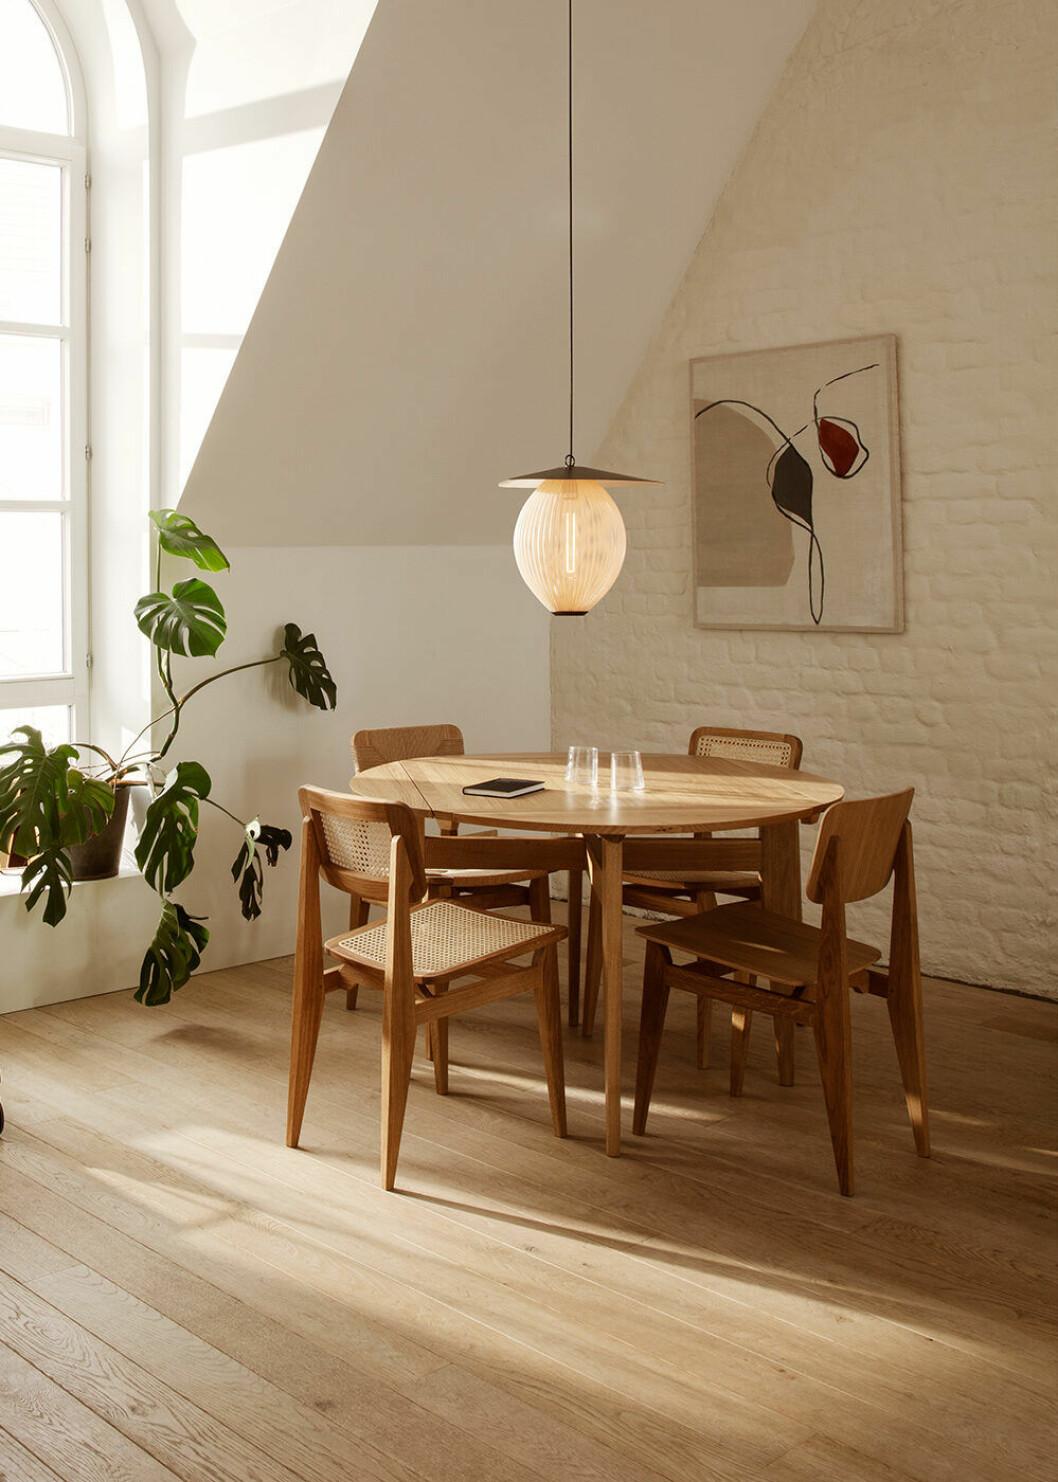 C-chair av Marcel Gascoin för Gubi